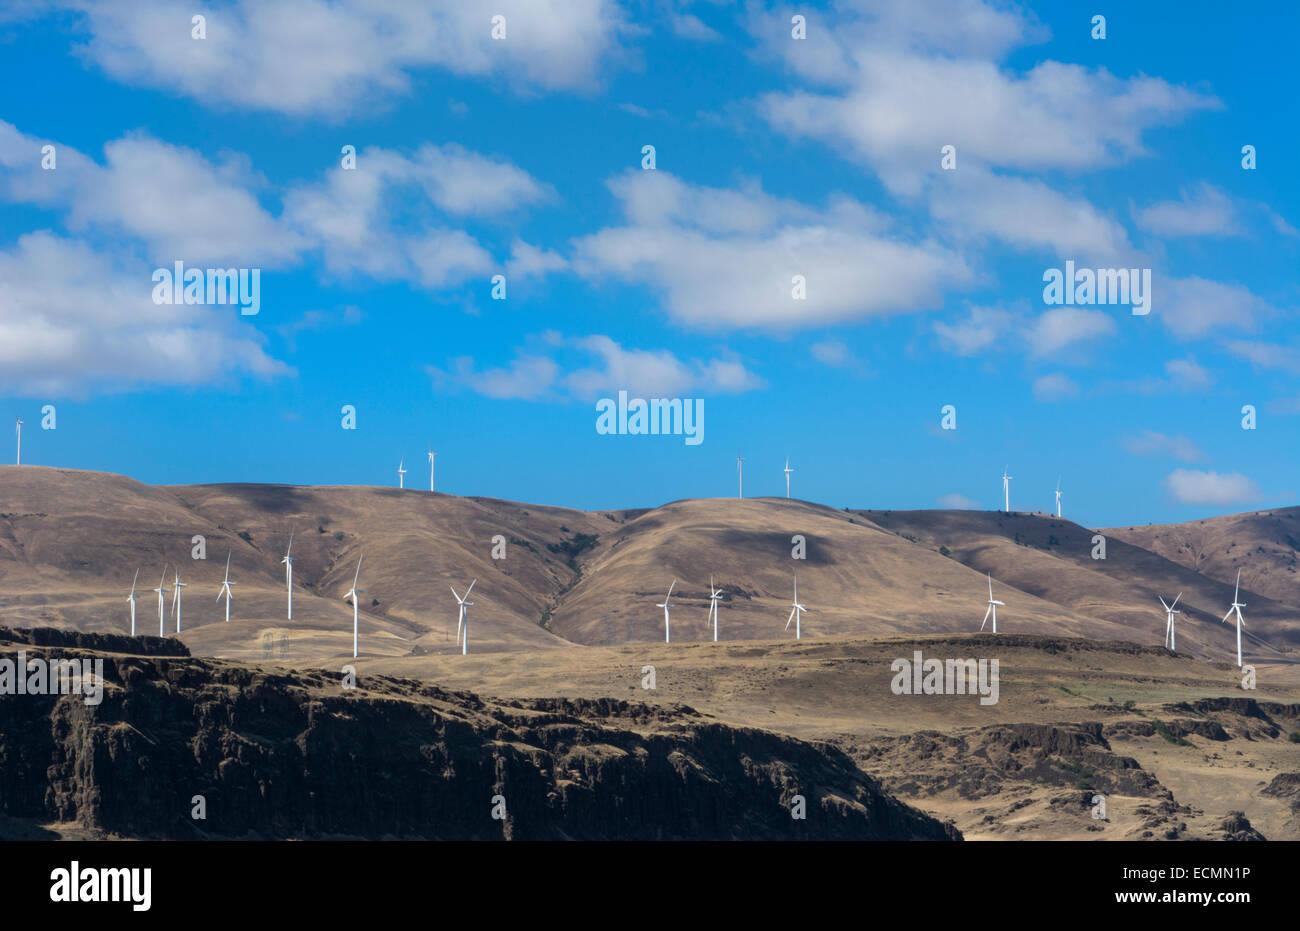 Oregon-Windkraftanlagen in der Nähe von The Dalles auf Autobahn und Berge für grüne Ökologie Stockbild